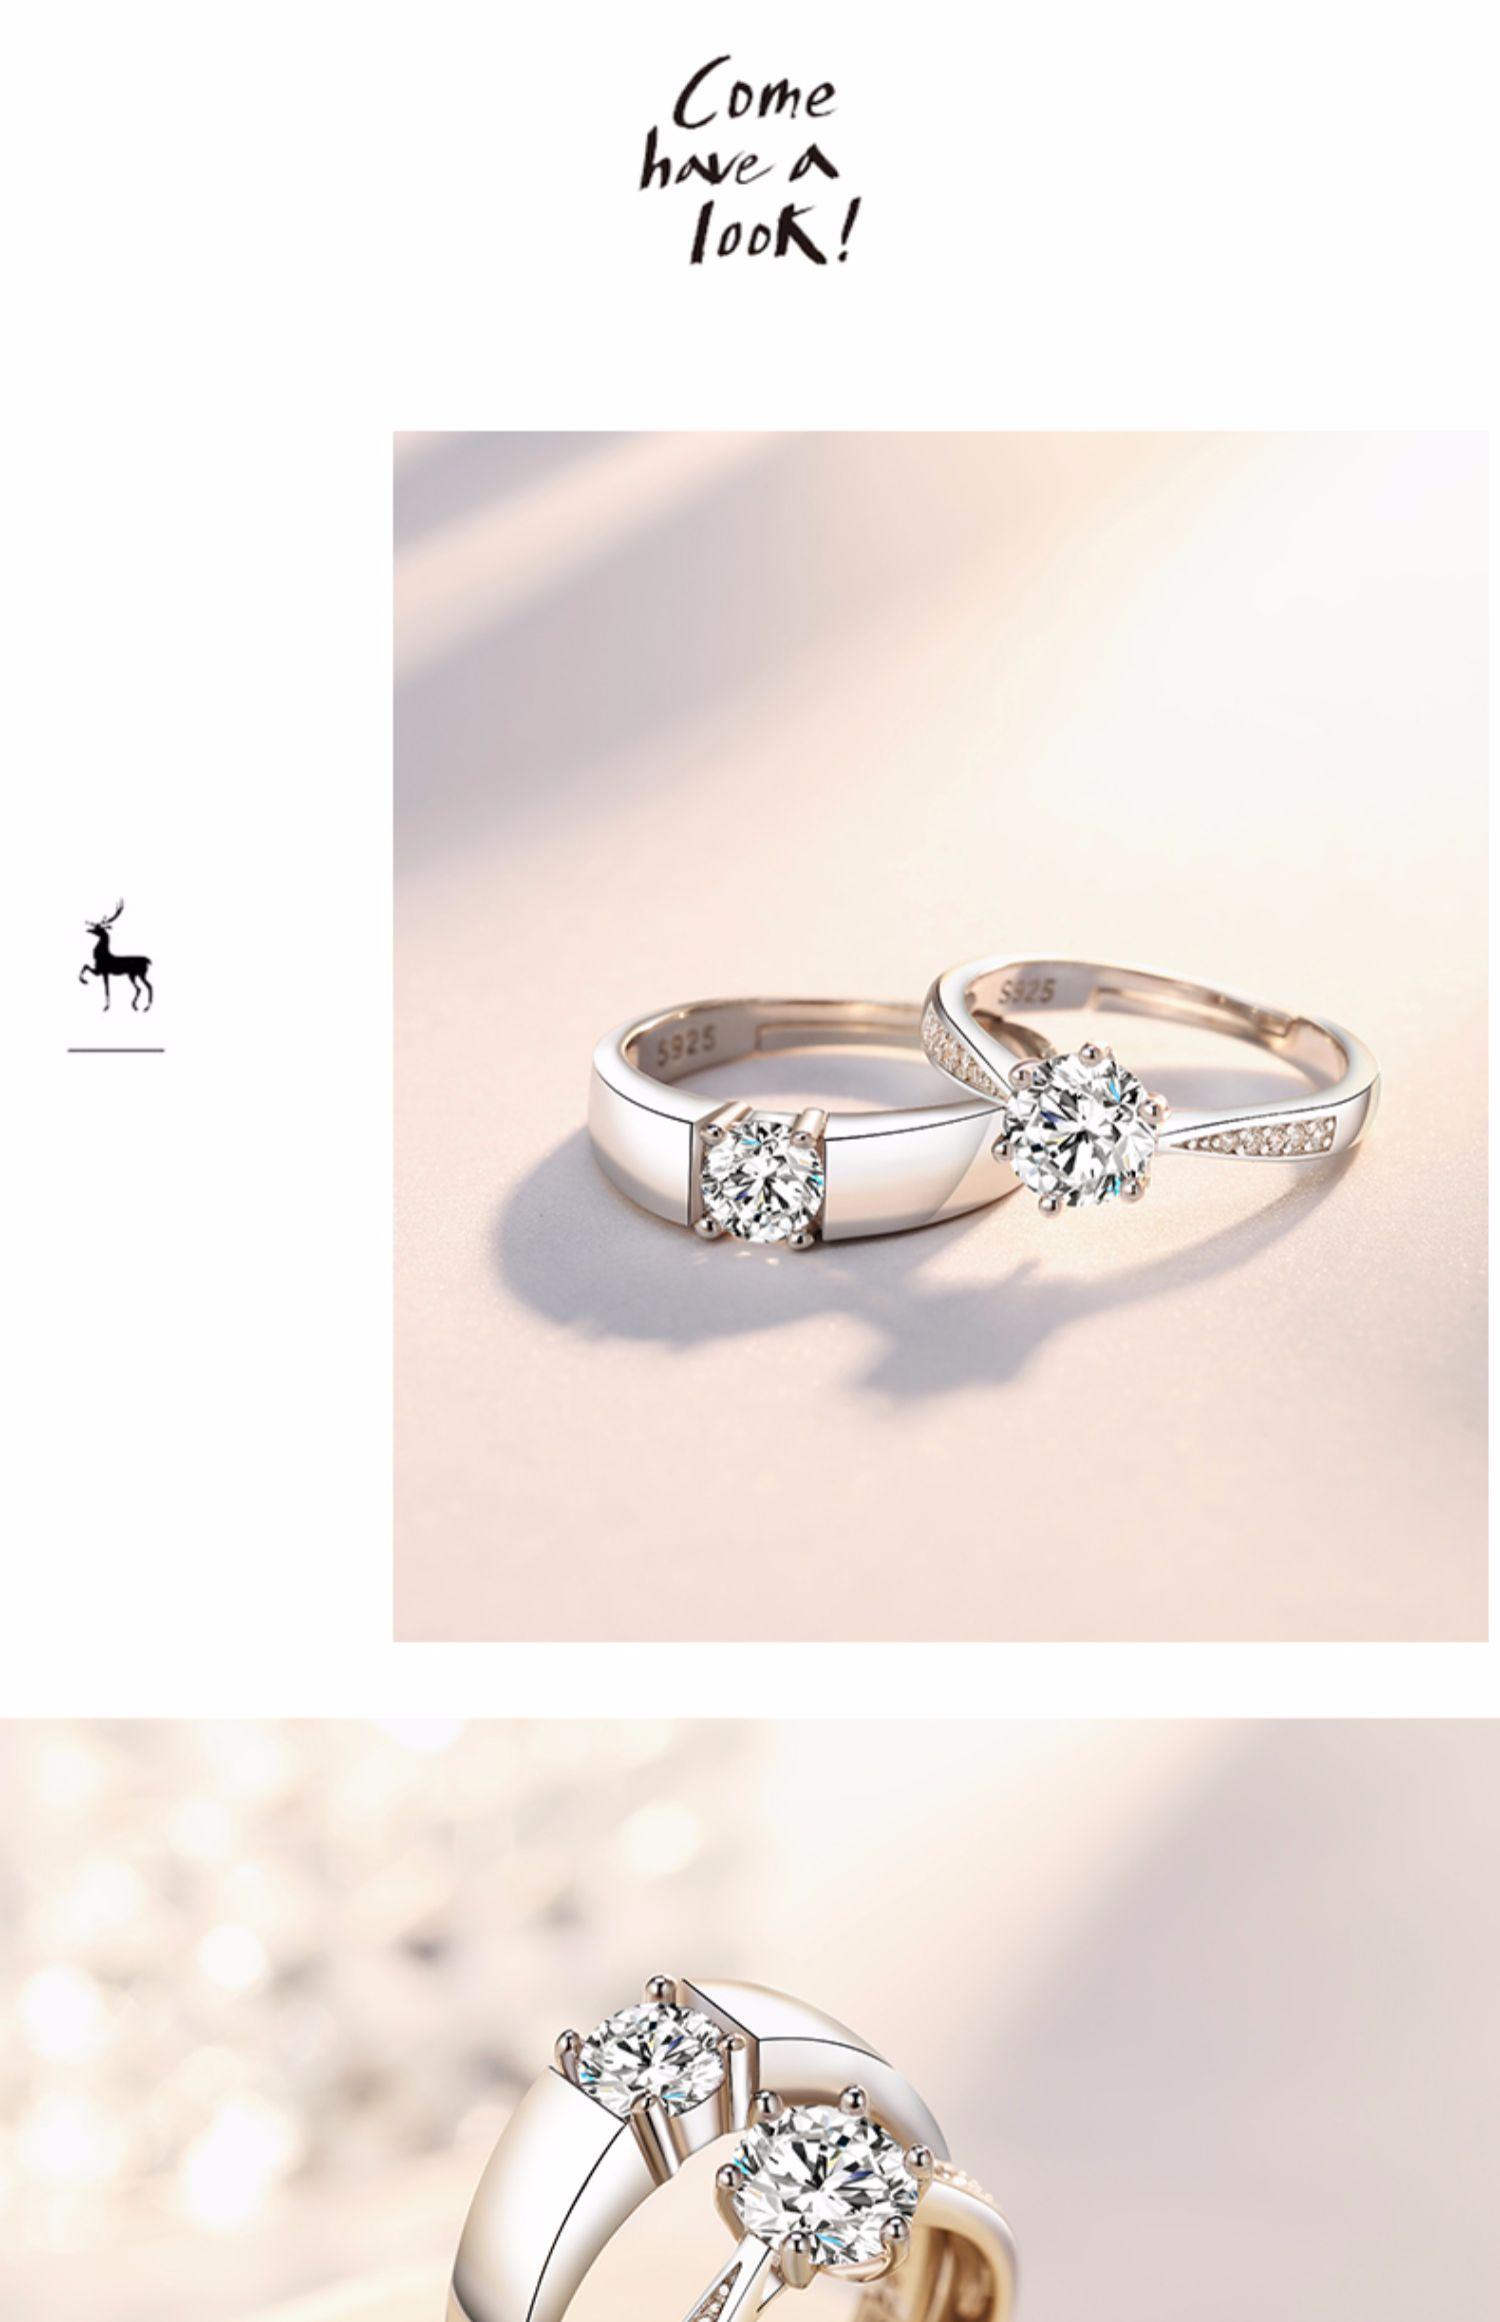 一对求婚开口男女对戒韩情侣戒指